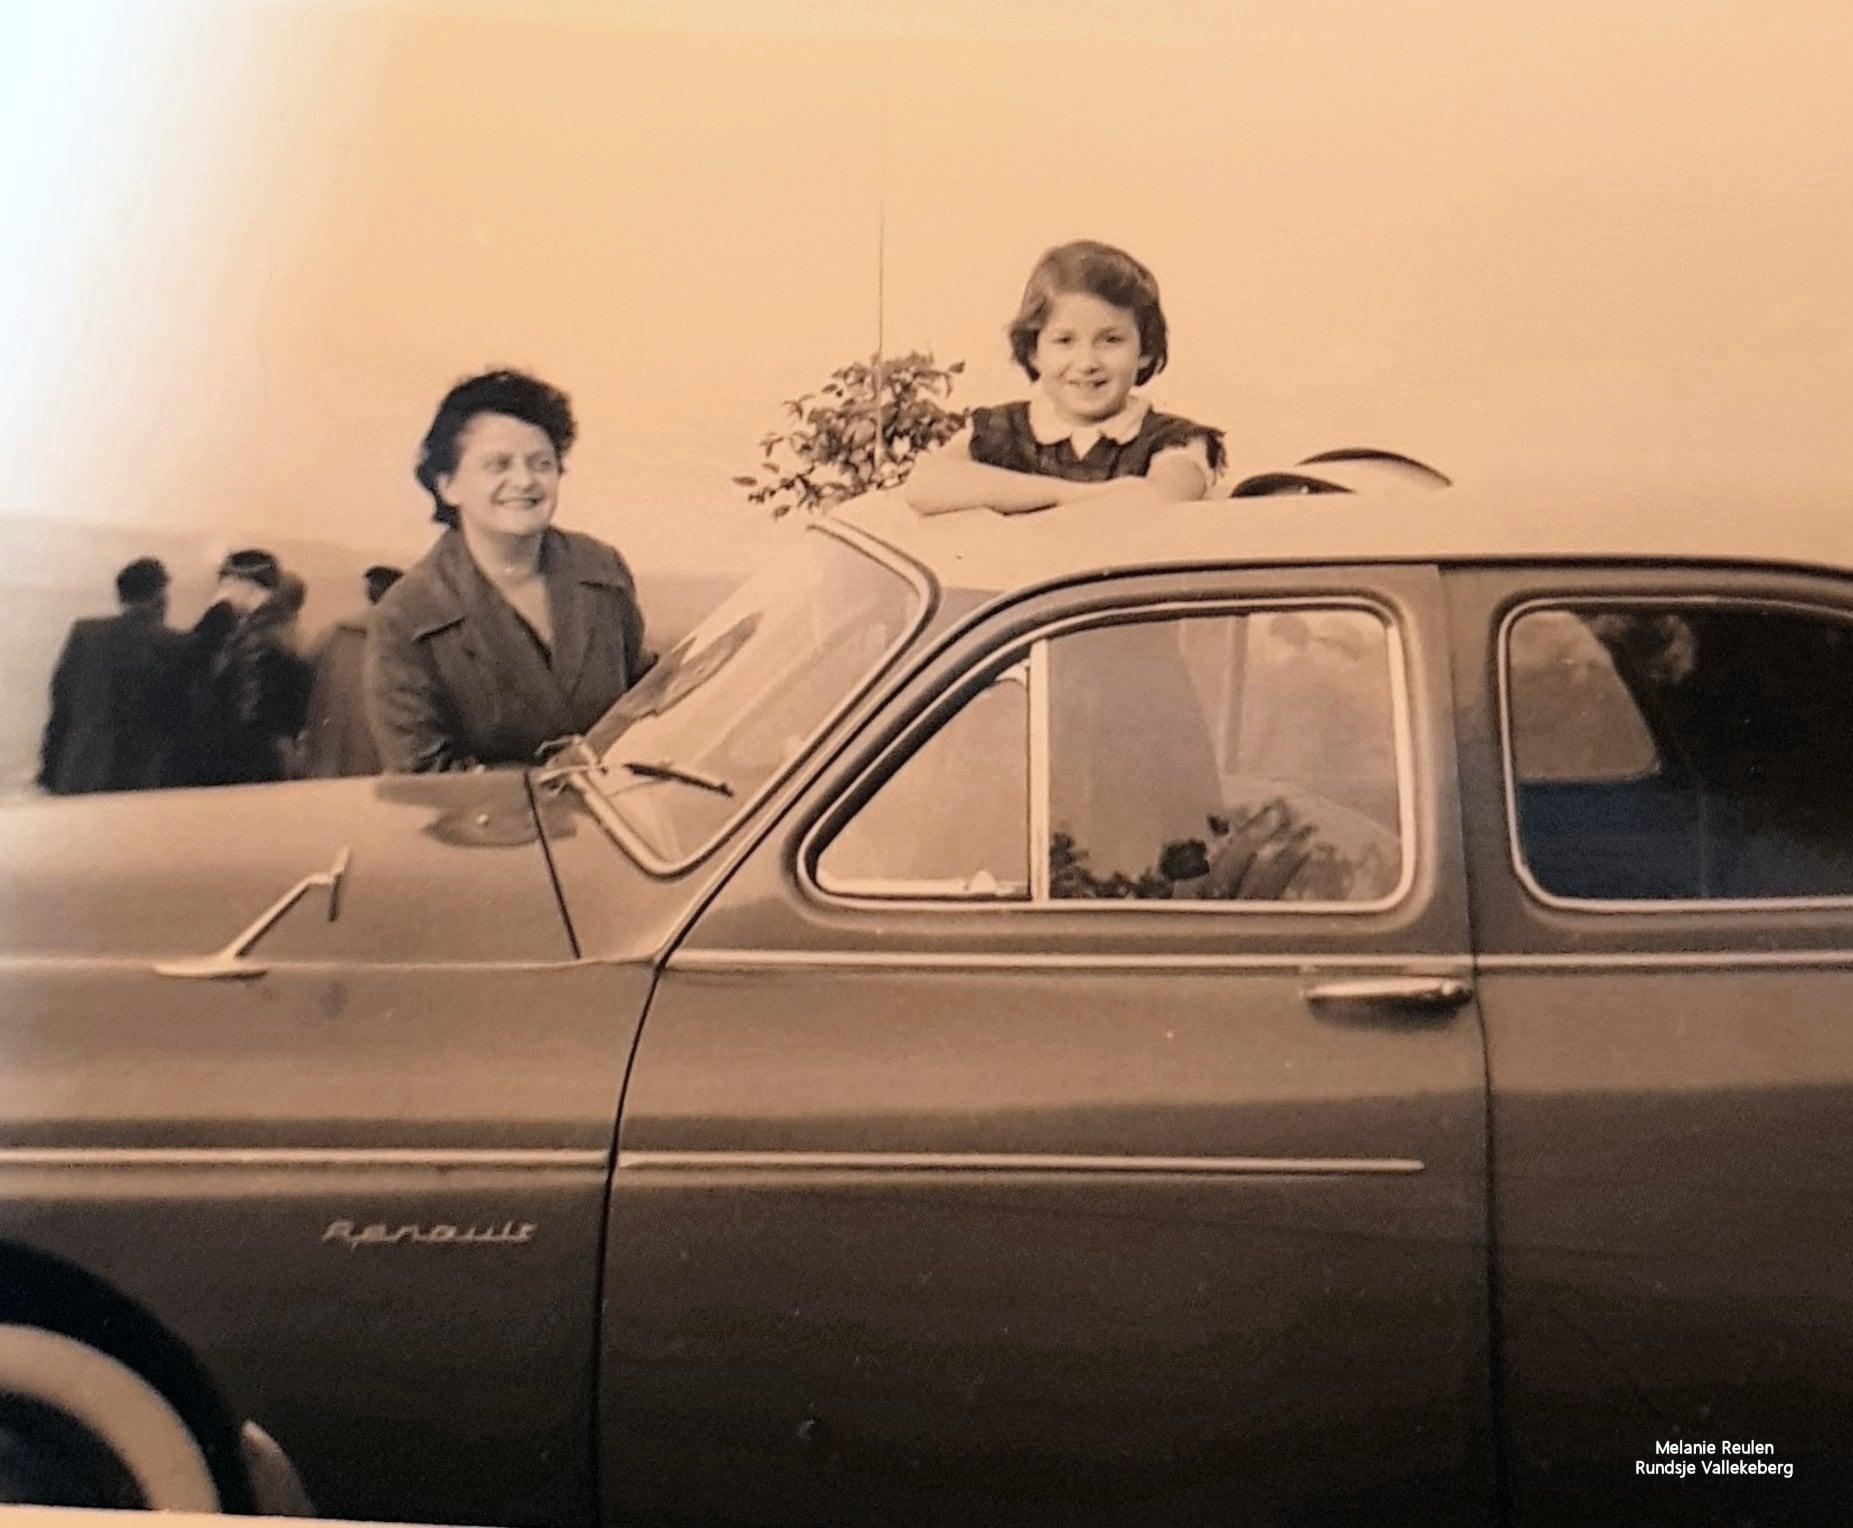 oma-Mila-Corbey-en-ik-in-1958-op-de-foto-met-een-nieuwe-Renault-Fregat